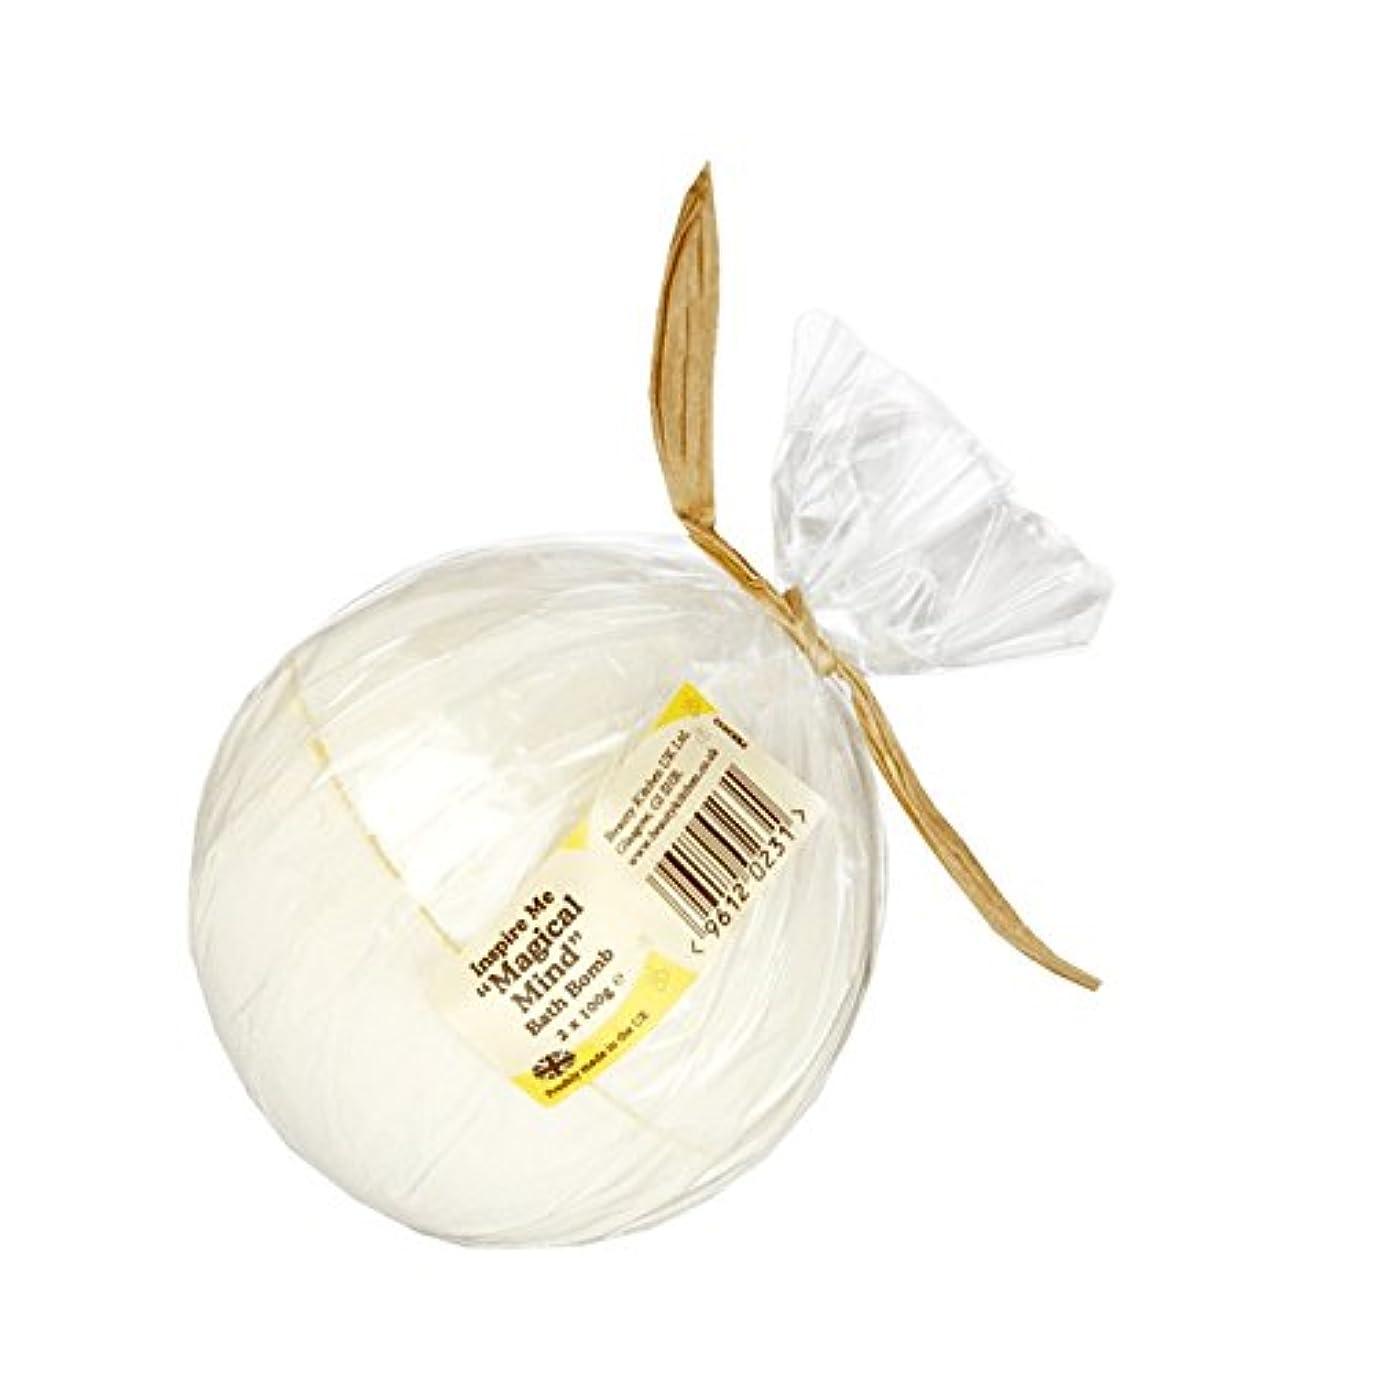 異常な接触動かすBeauty Kitchen Inspire Me Magical Mind Bath Bomb 2 x 100g (Pack of 6) - 美しさのキッチンは私に魔法心風呂爆弾2×100グラムを鼓舞します (x6)...